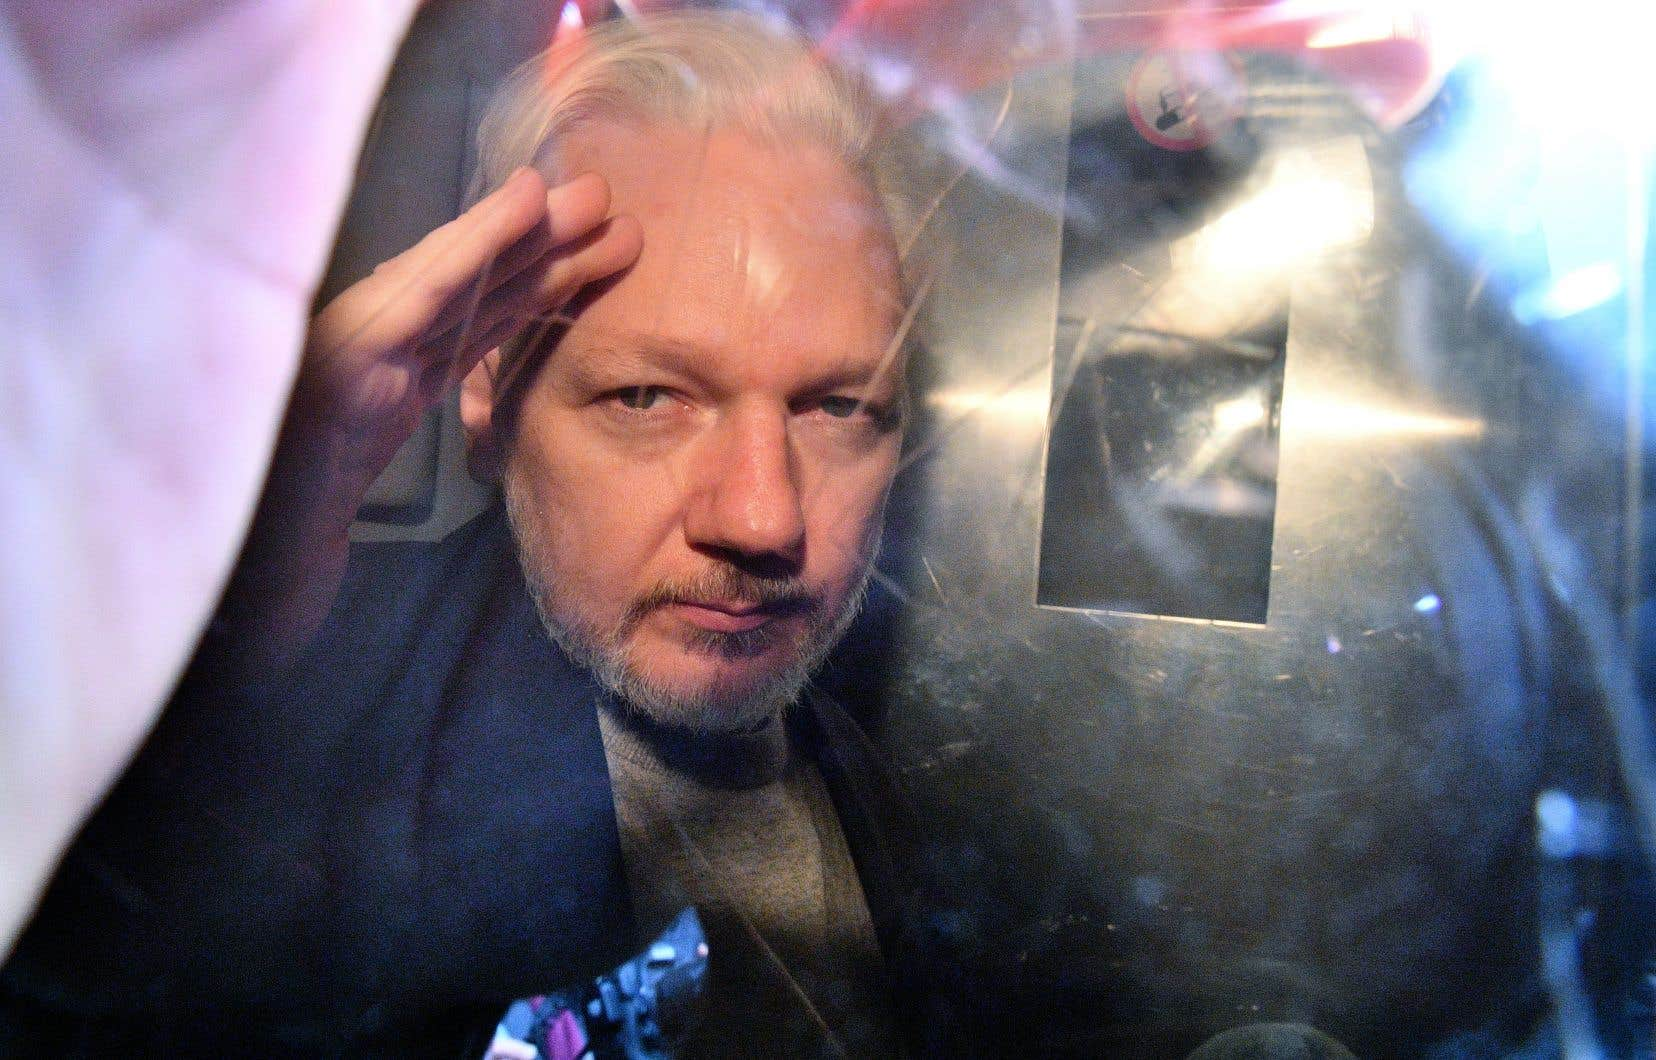 Le fondateur de WikiLeaks, Julian Assange, s'est réfugié pendant près de sept ans à l'ambassade d'Équateur à Londres où il bénéficiait de l'asile politique.